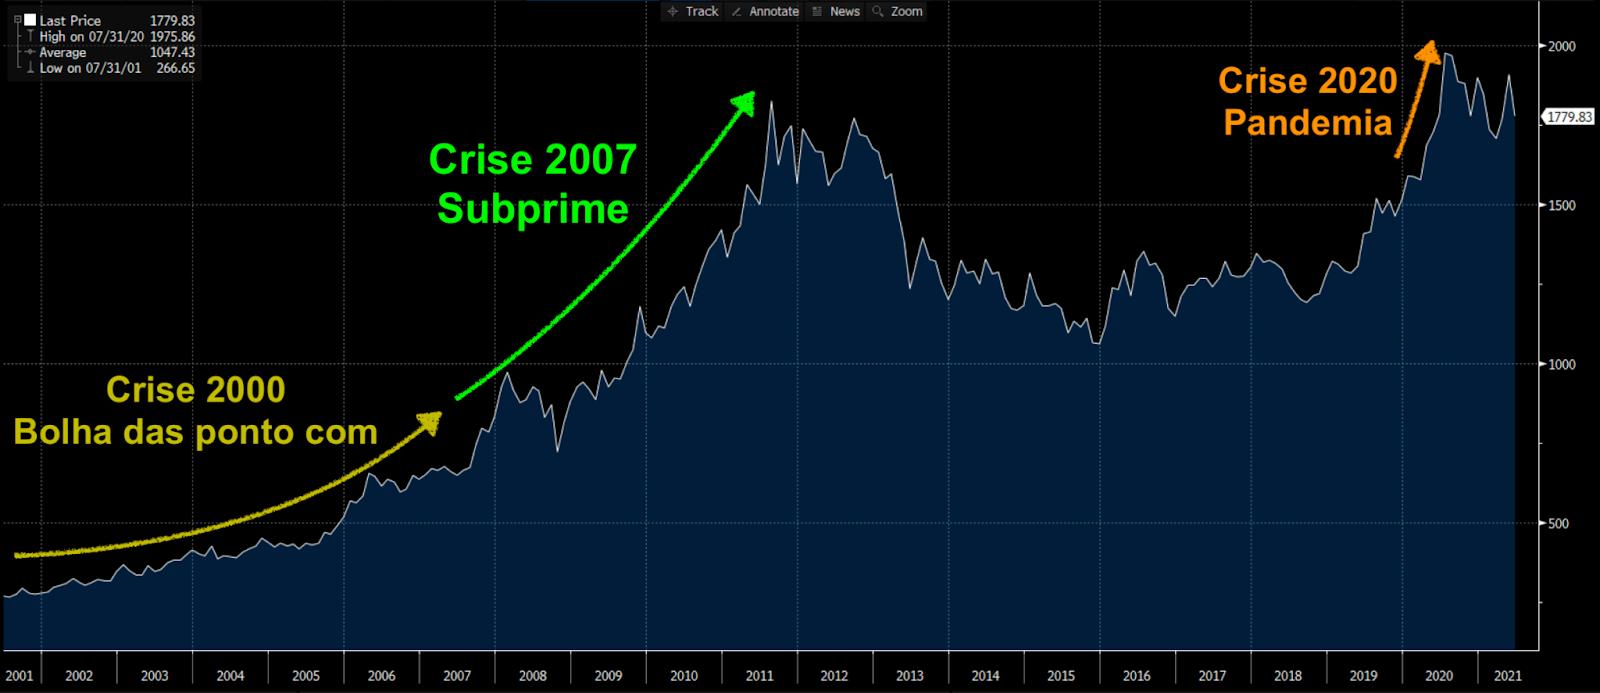 Gráfico apresenta preço ouro de 2001 a 2021.